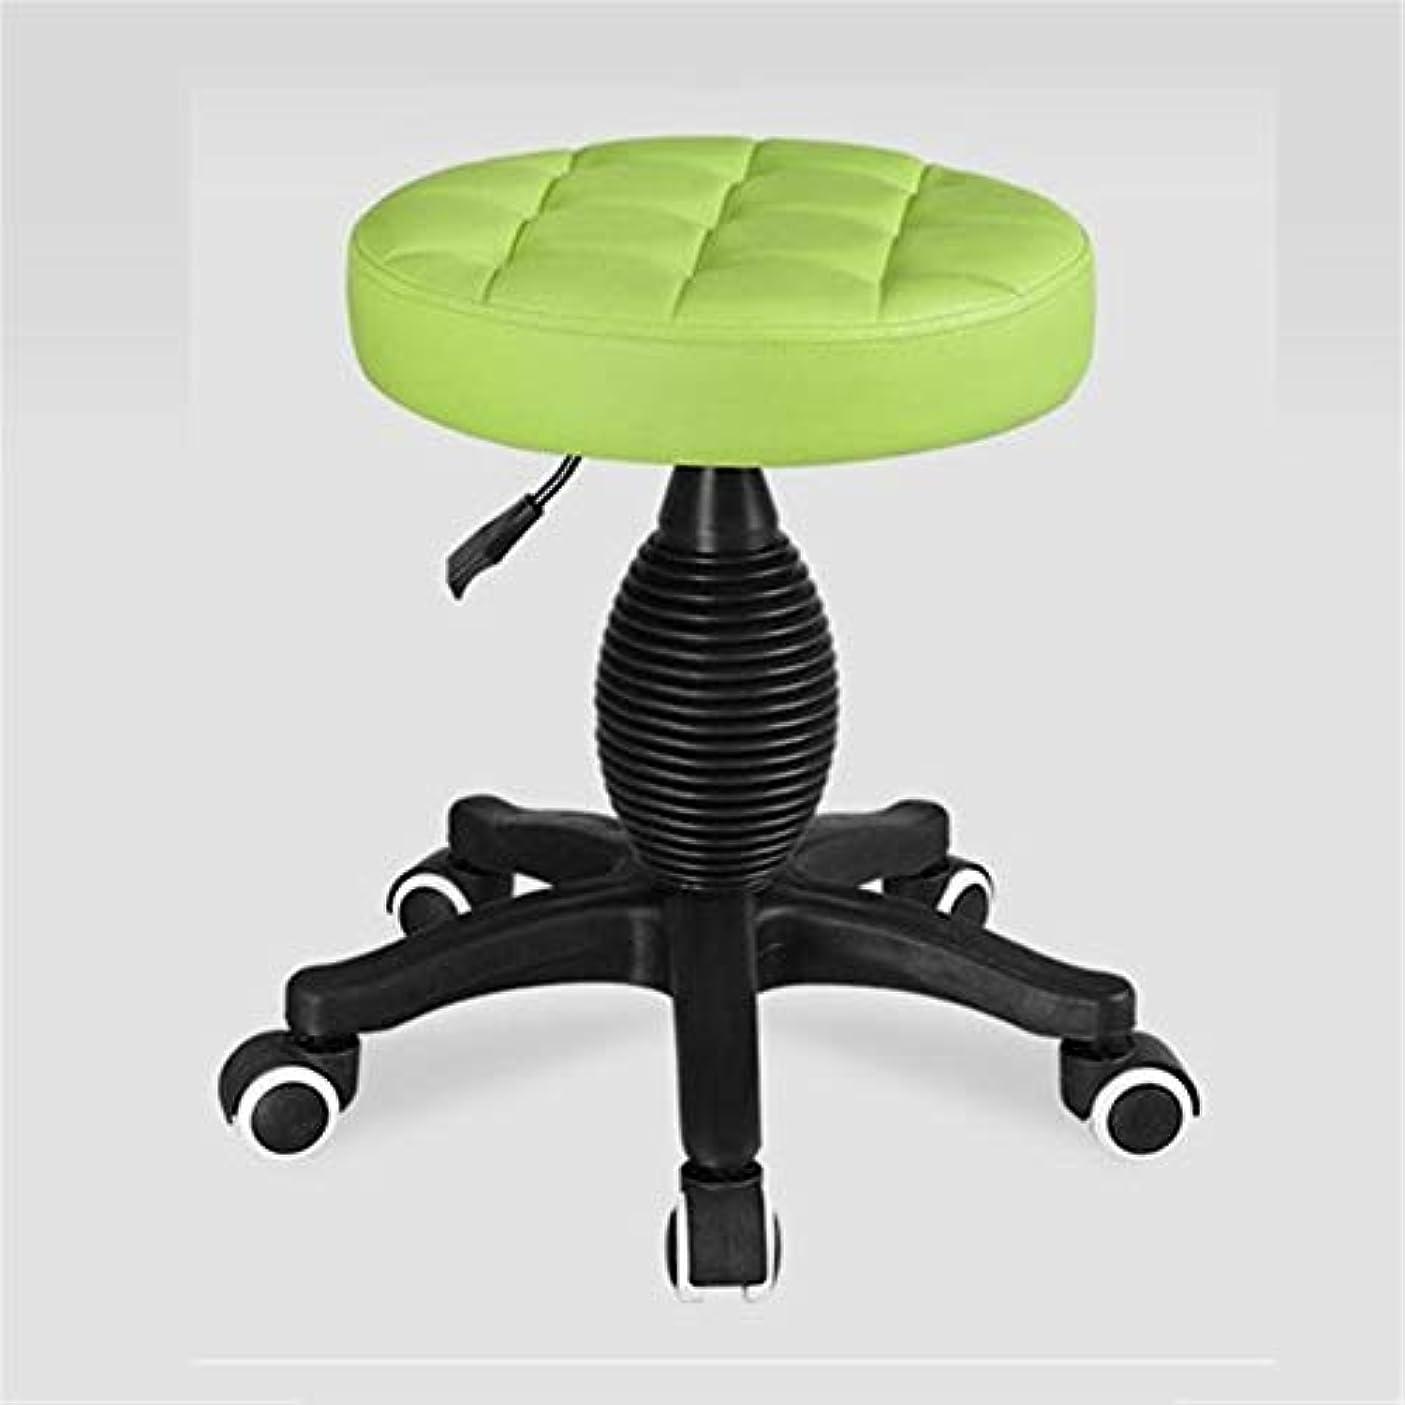 ドラッグ二週間必要とする大広間の椅子円形PUの革油圧上昇の調節の回転理髪店の椅子の鉱泉の大広間の設定の椅子5つの車輪の事務作業の椅子,Green,B